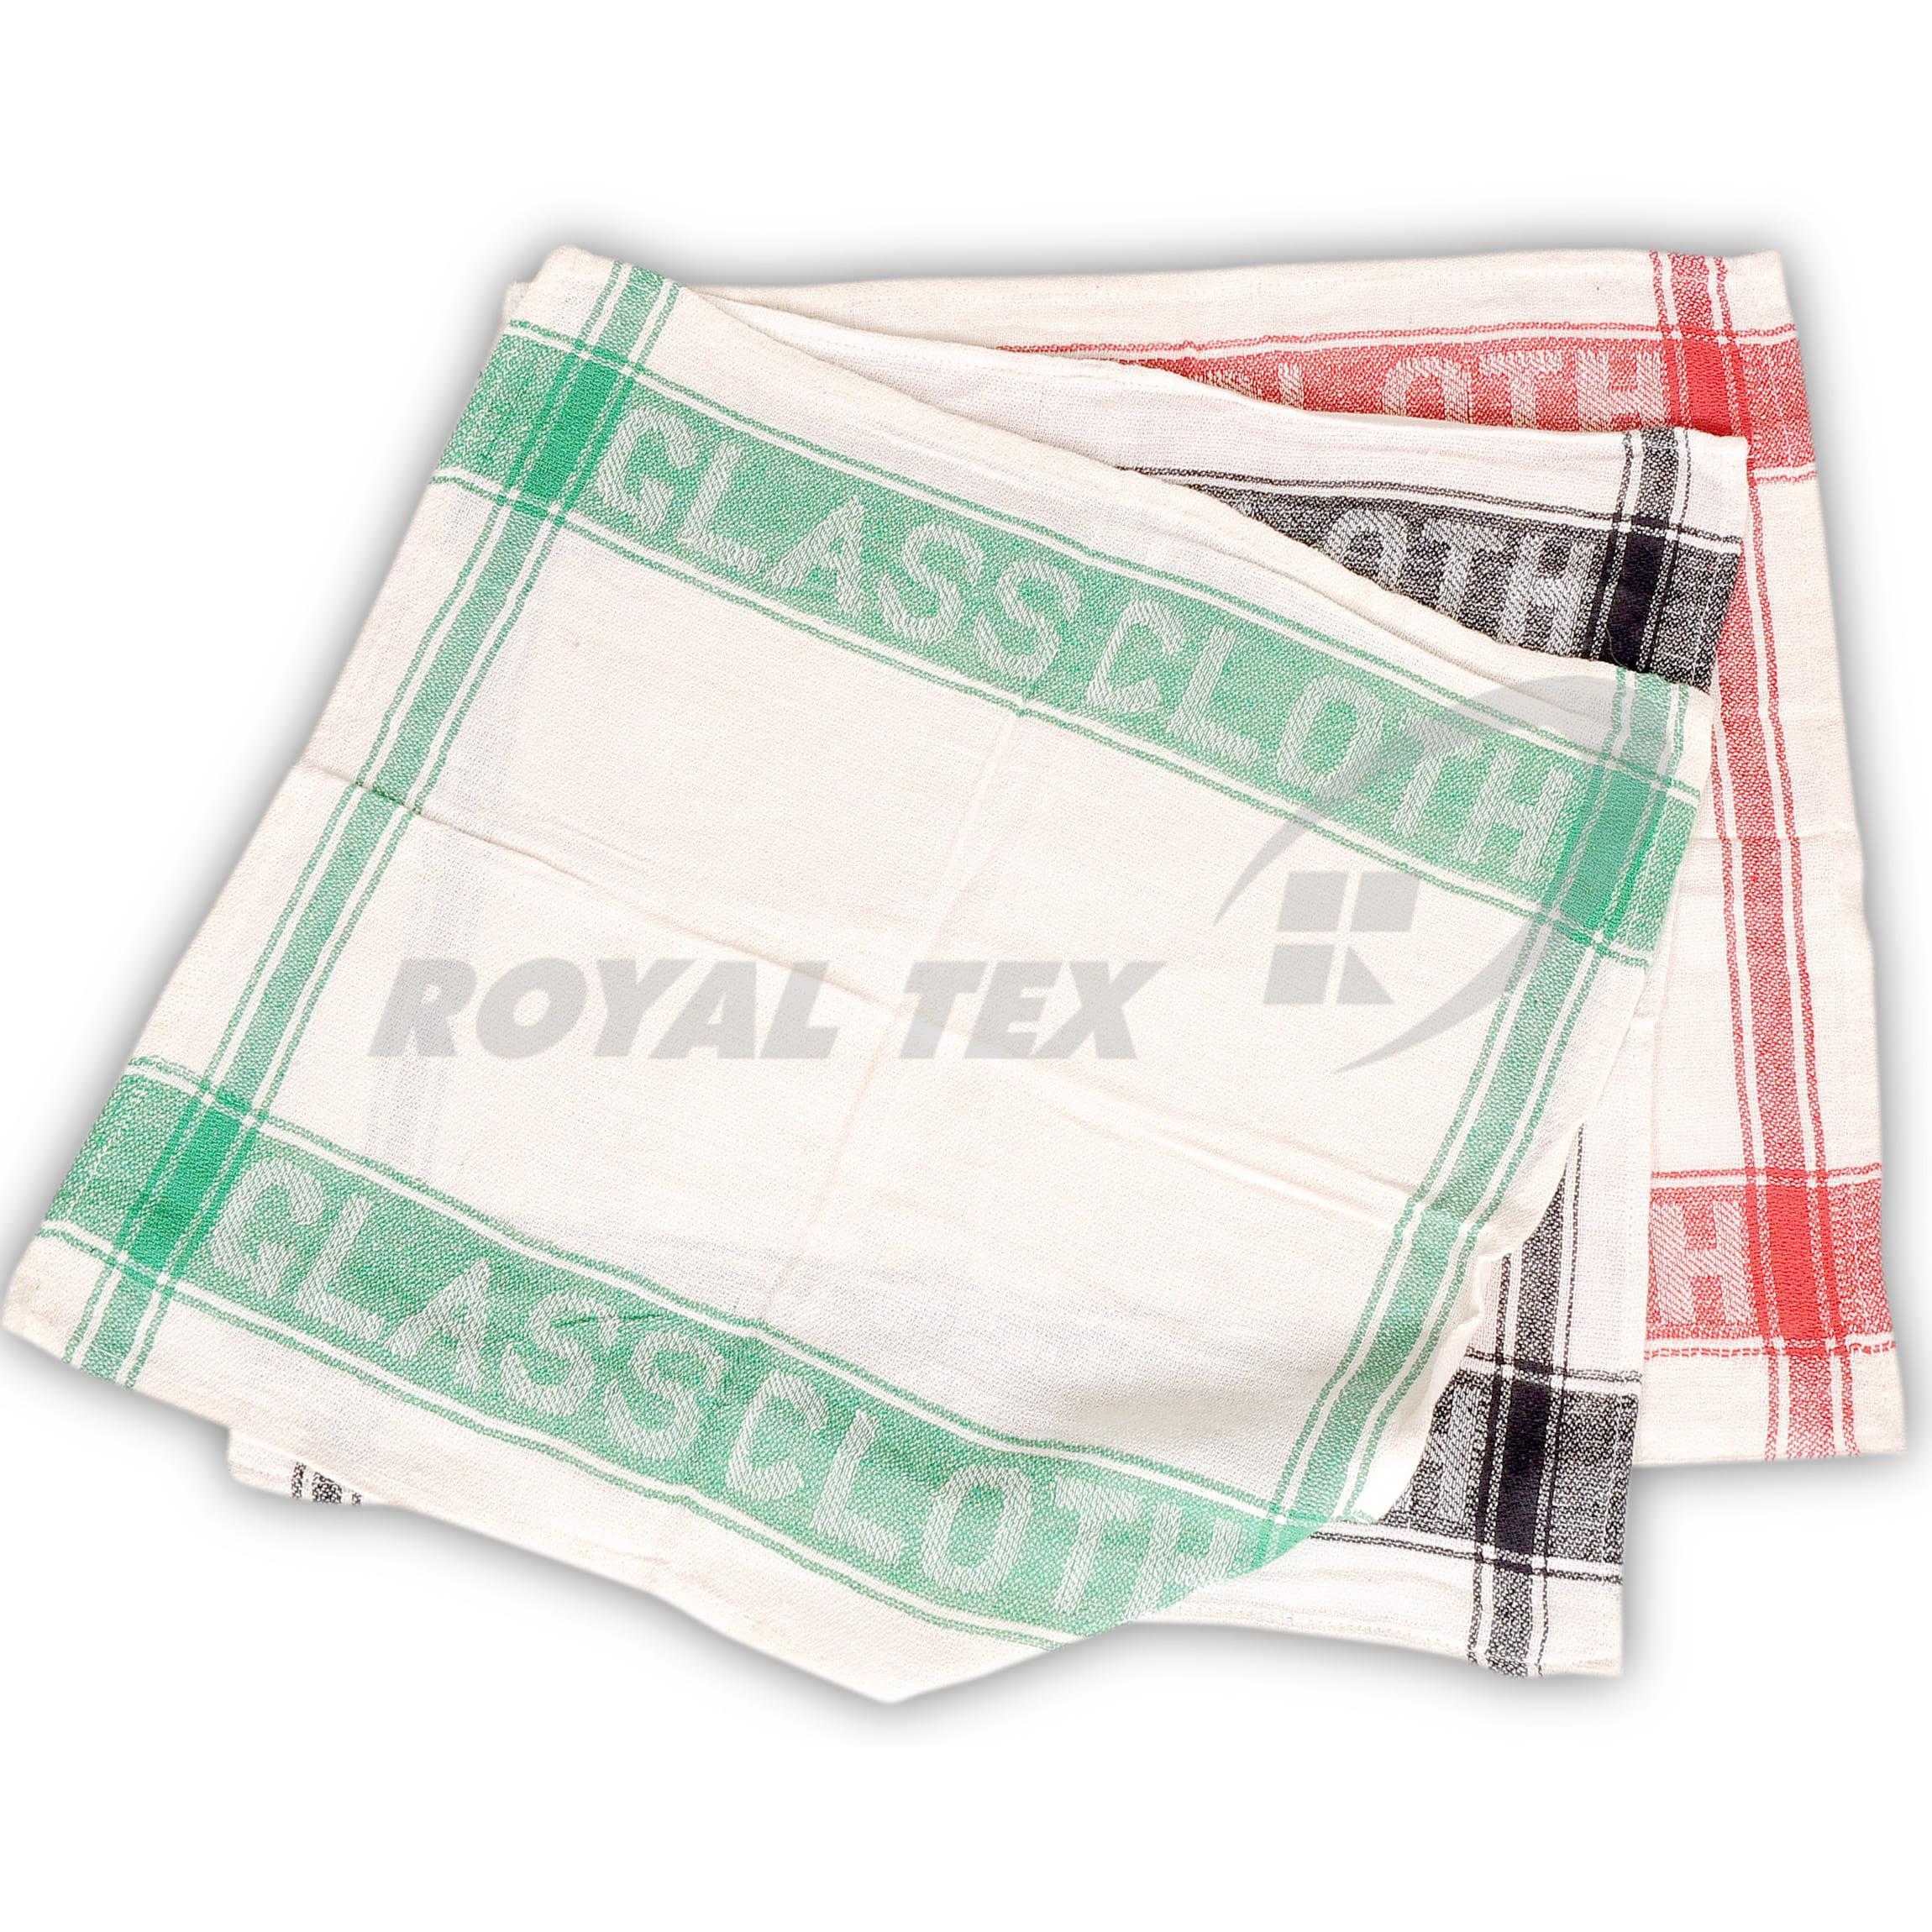 TT -311  :   Glass cloth, Woven.